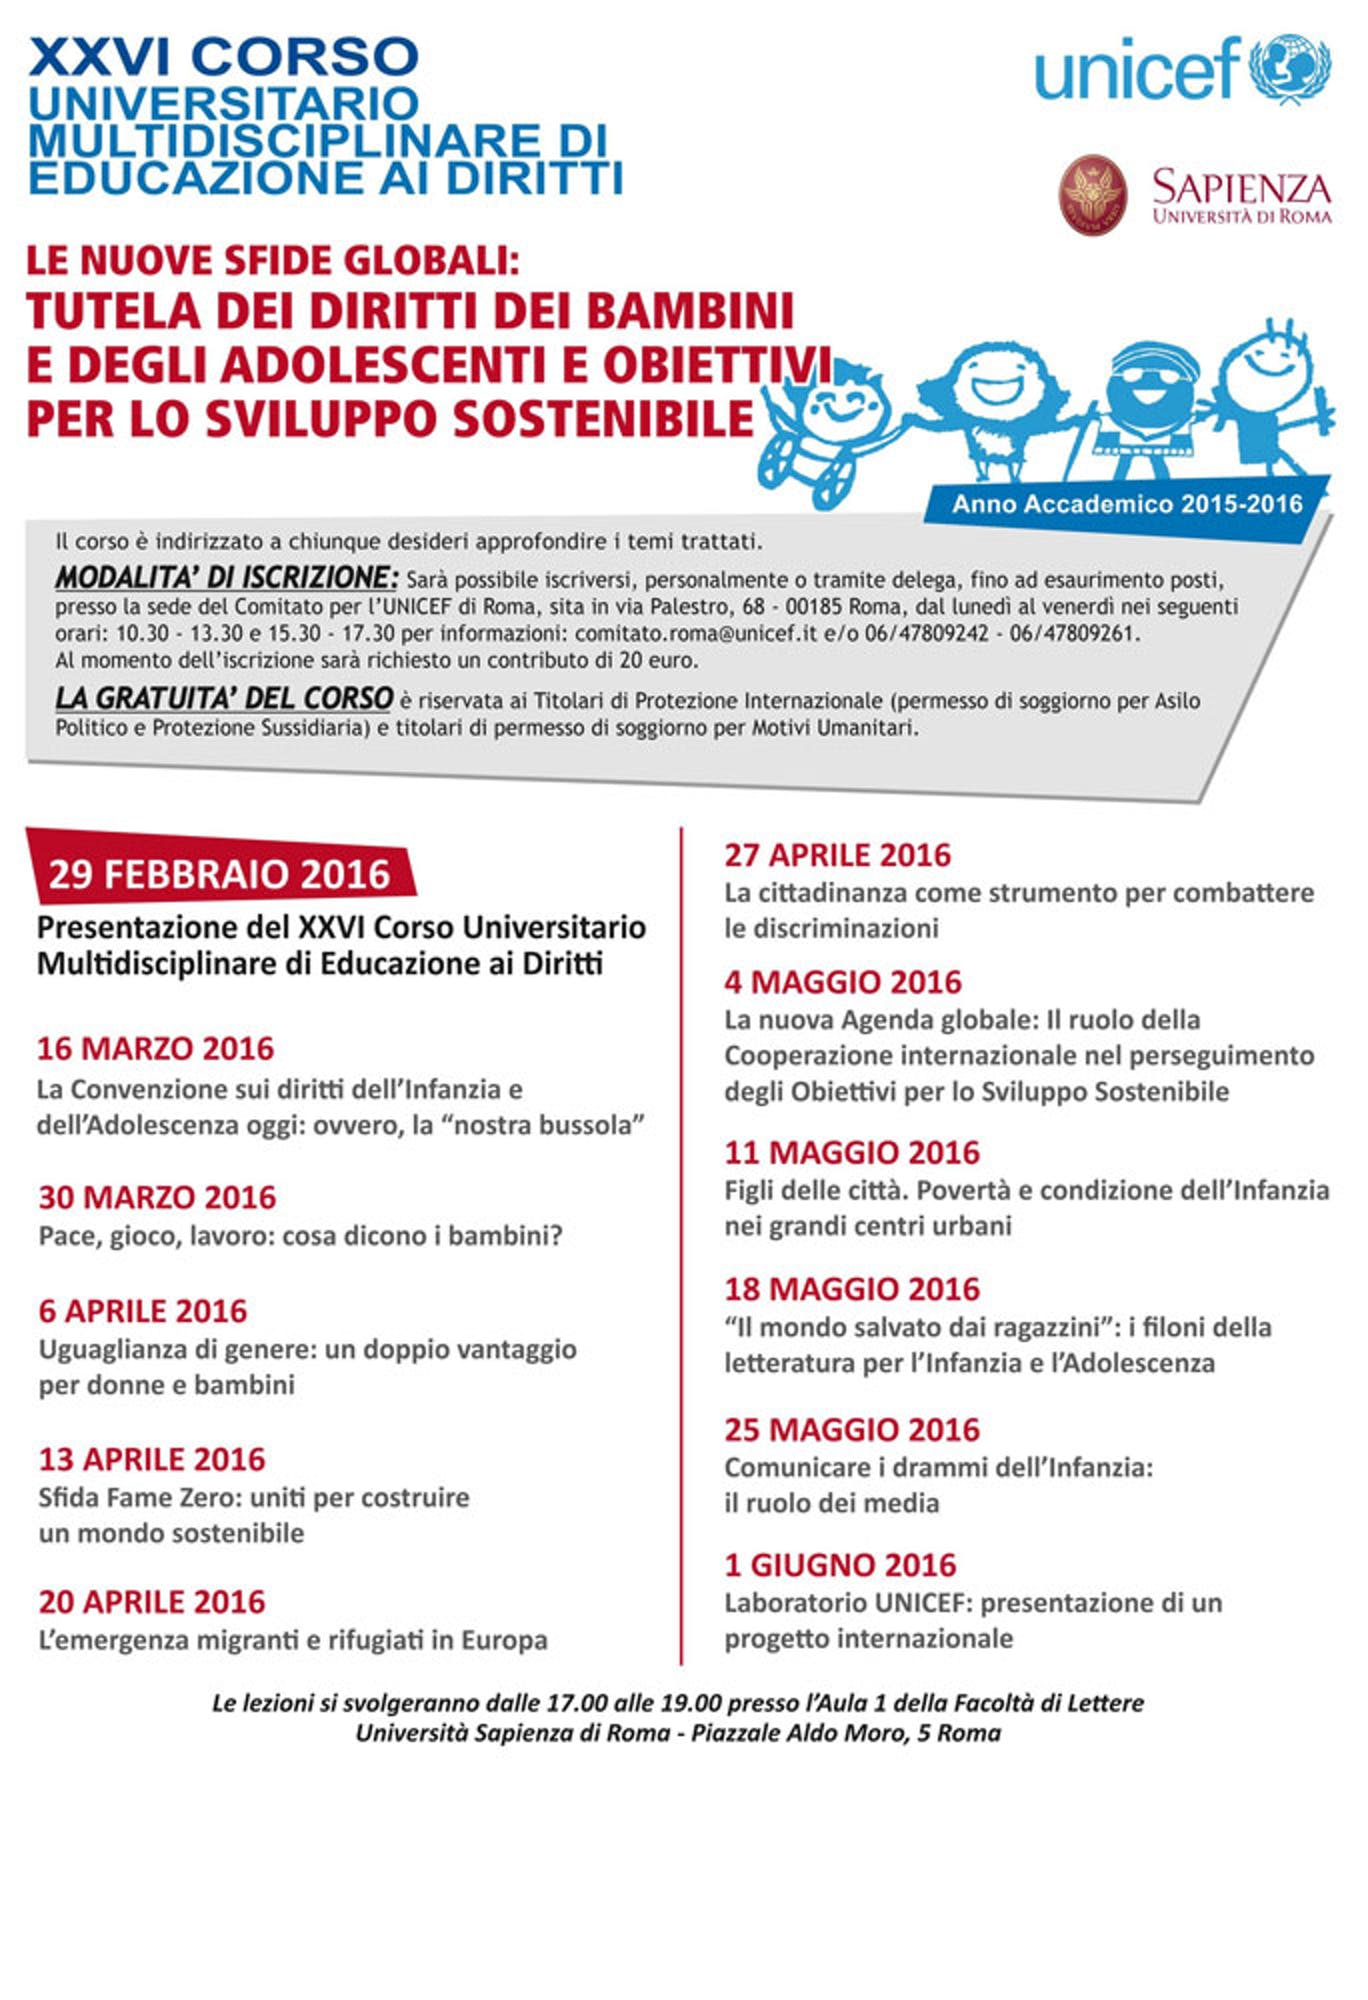 Al via il corso UNICEF 2016 all'Università di Roma